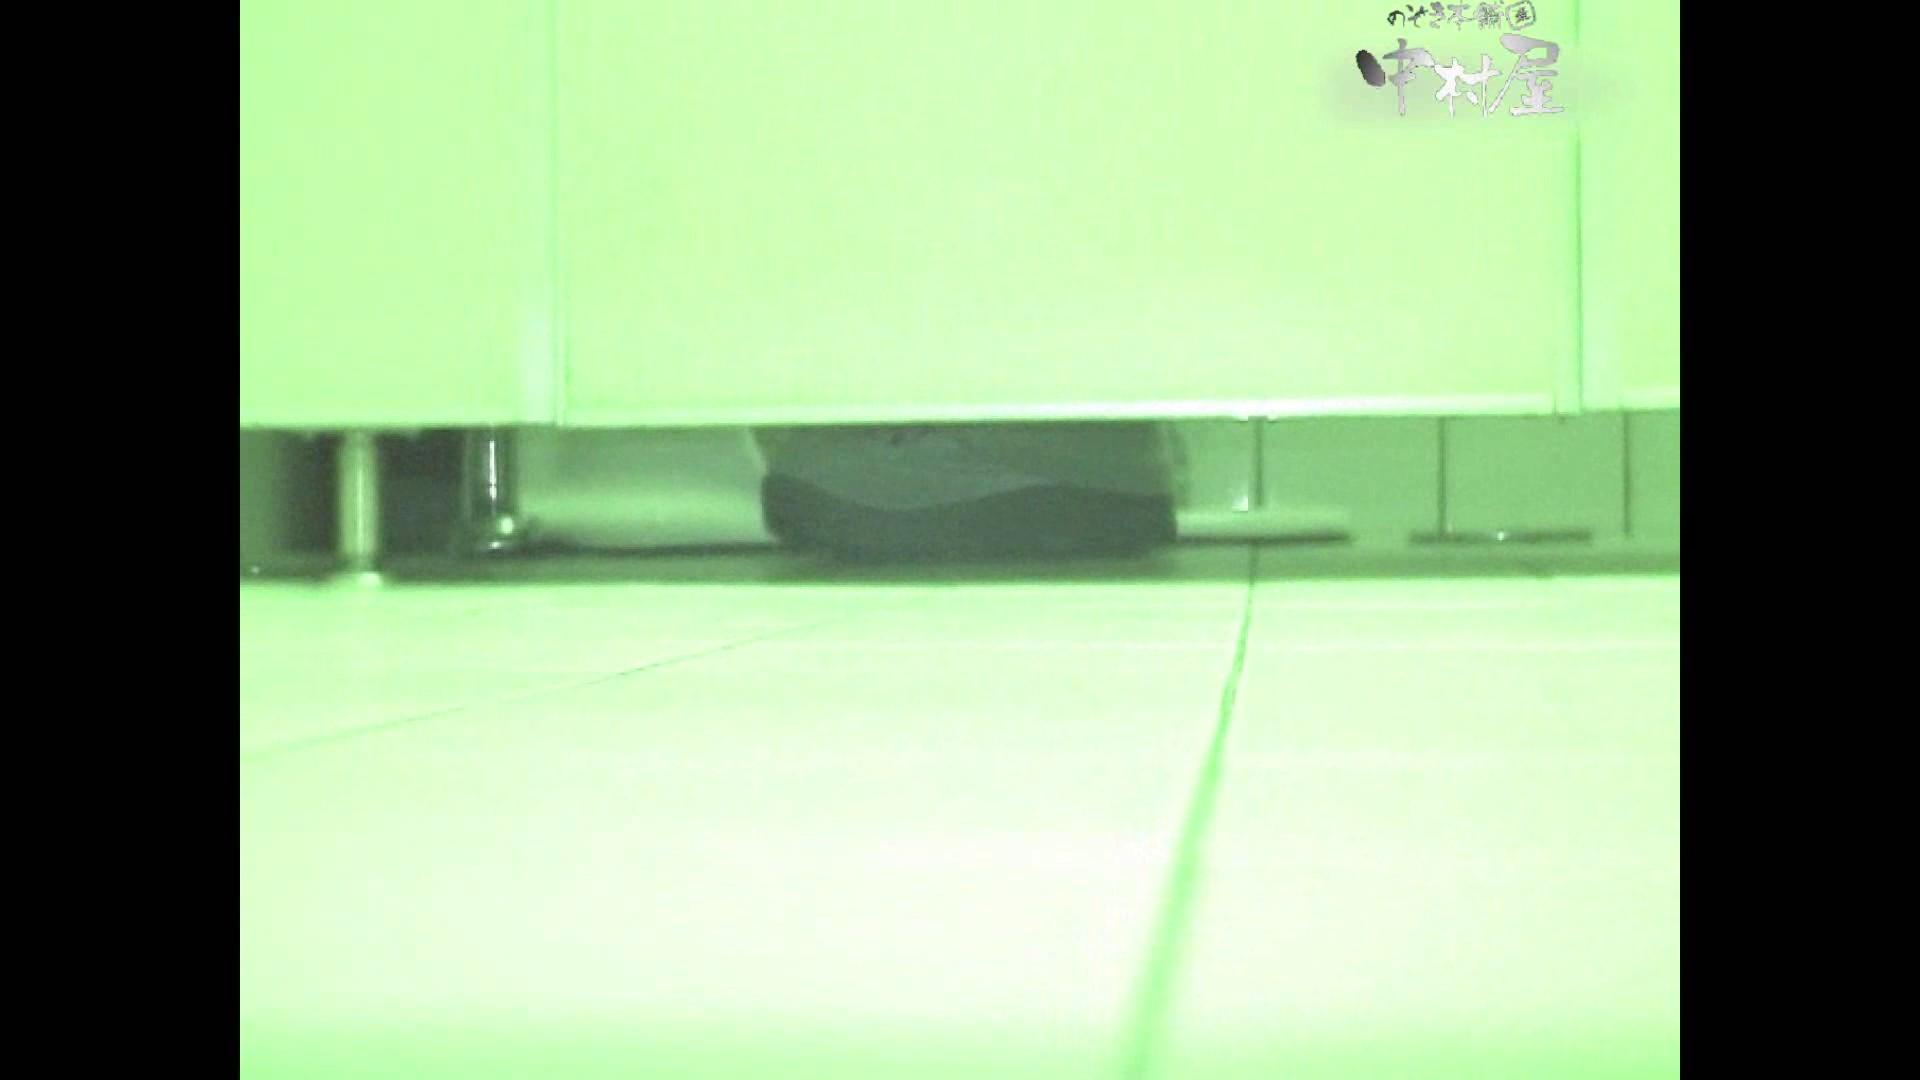 岩手県在住盗撮師盗撮記録vol.31 OLセックス 覗きぱこり動画紹介 79画像 27